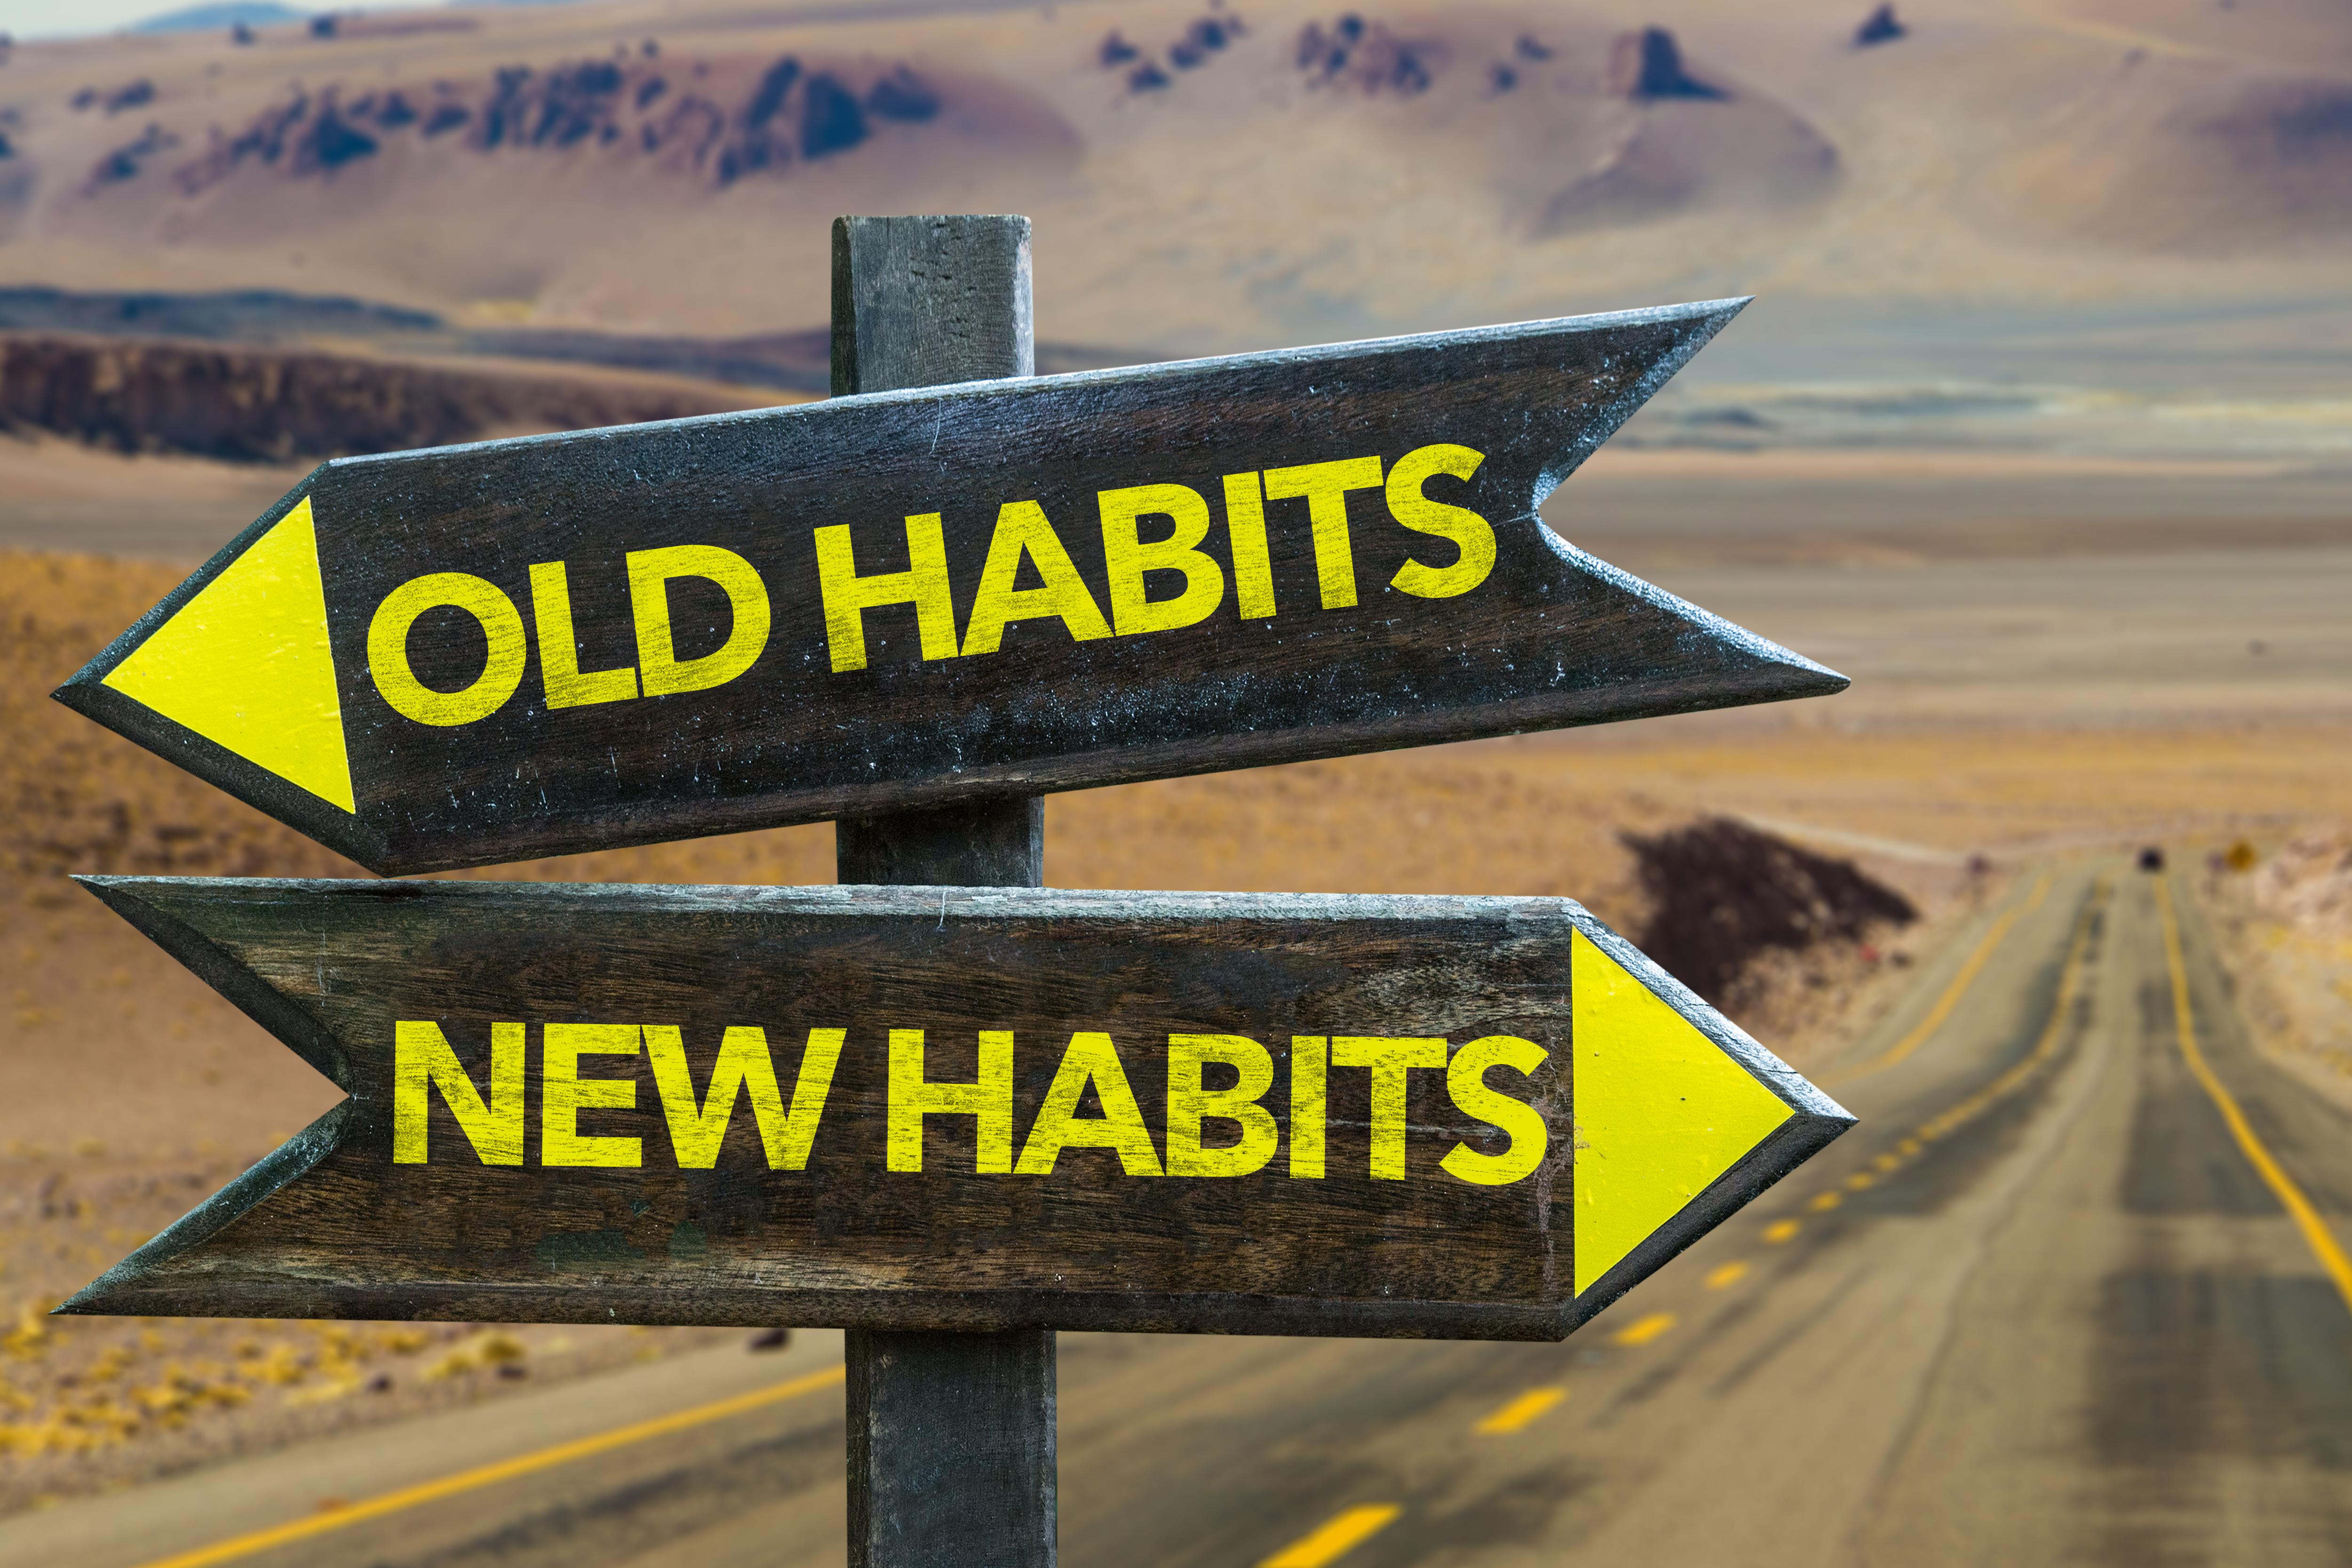 Habits